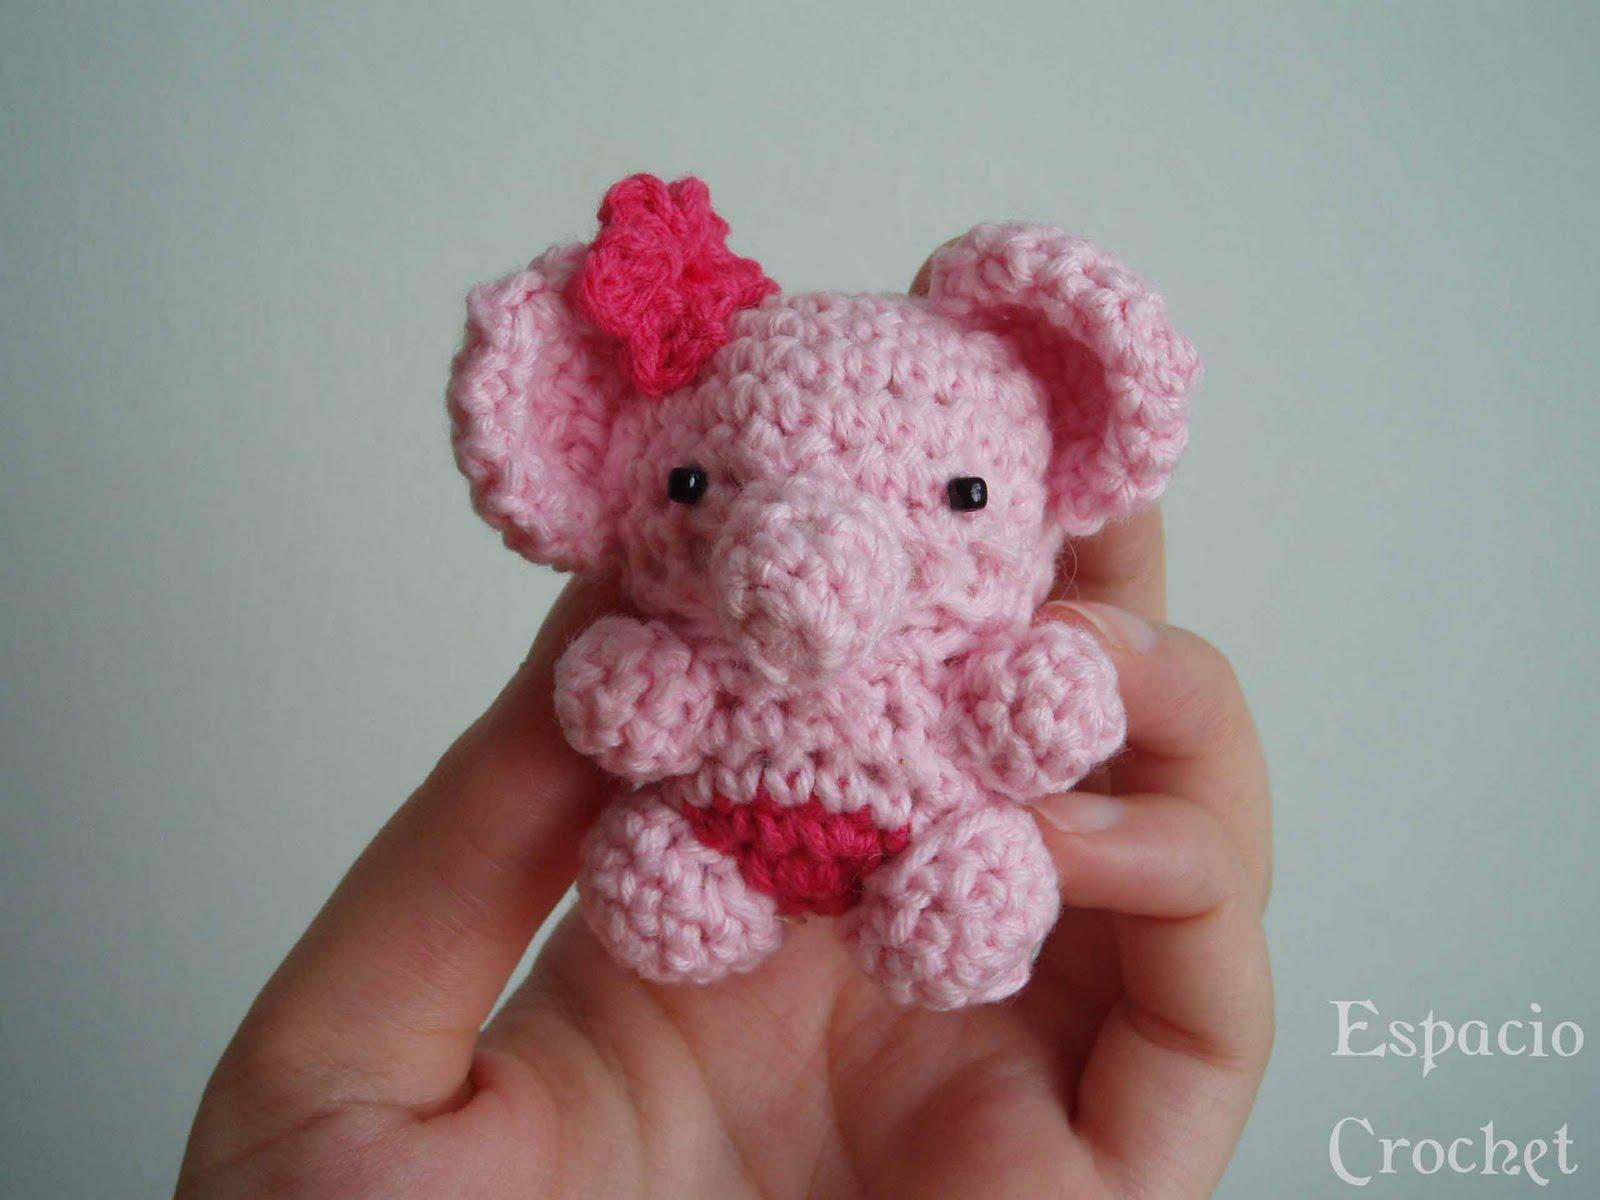 Elefante De Crochê Amigurumi 35 Cm - R$ 160,00 em Mercado Livre | 1200x1600